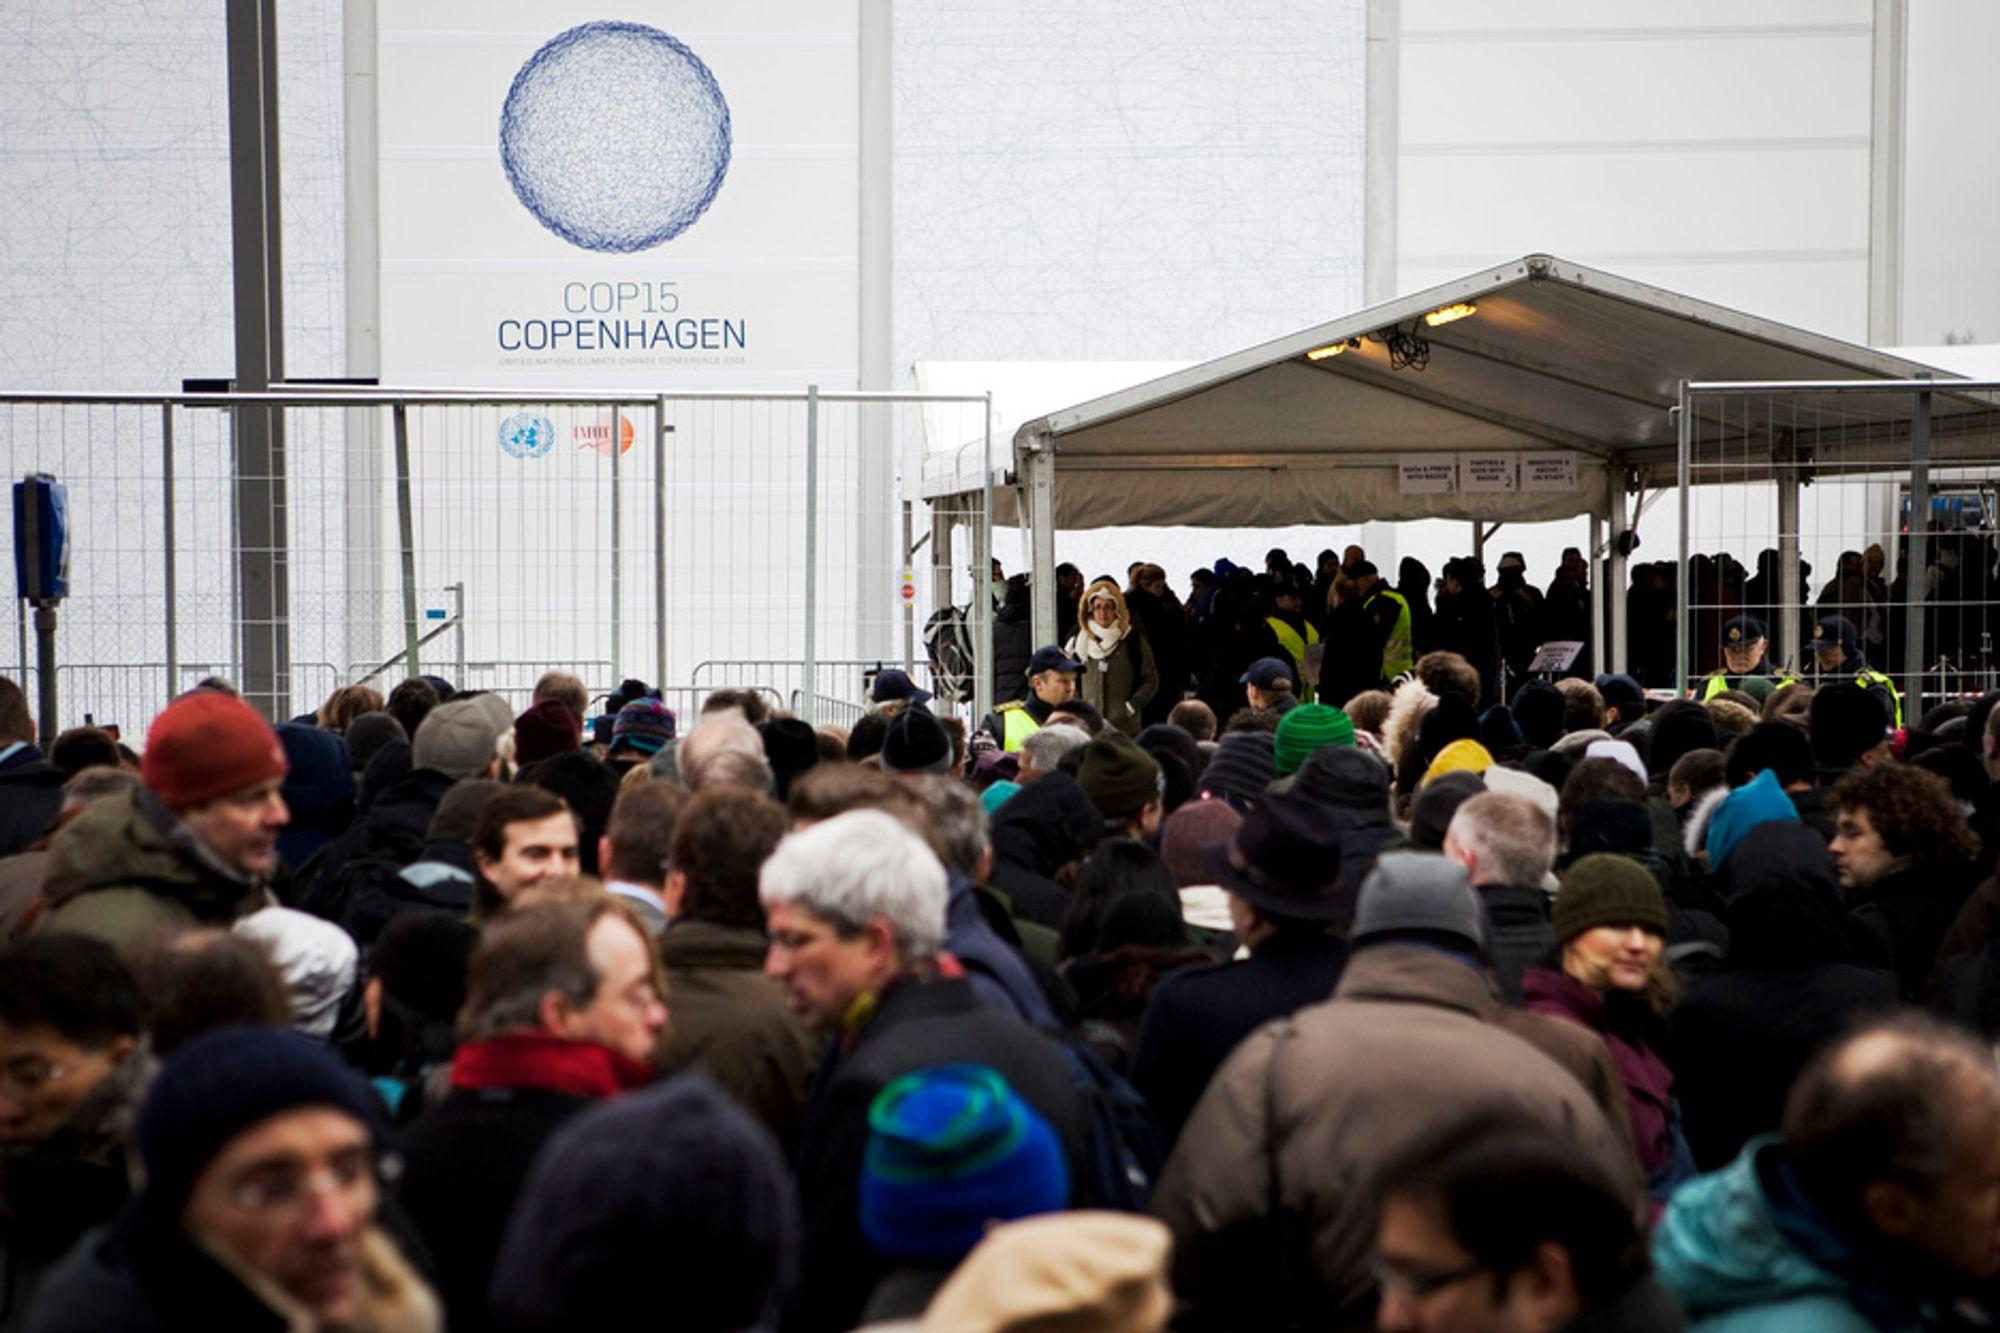 Mens svært mange sto flere timer i kø for å komme inn på Bella Center i København mandag, valgte utviklingslandenes representanter å forlate forhandlingene i protest.